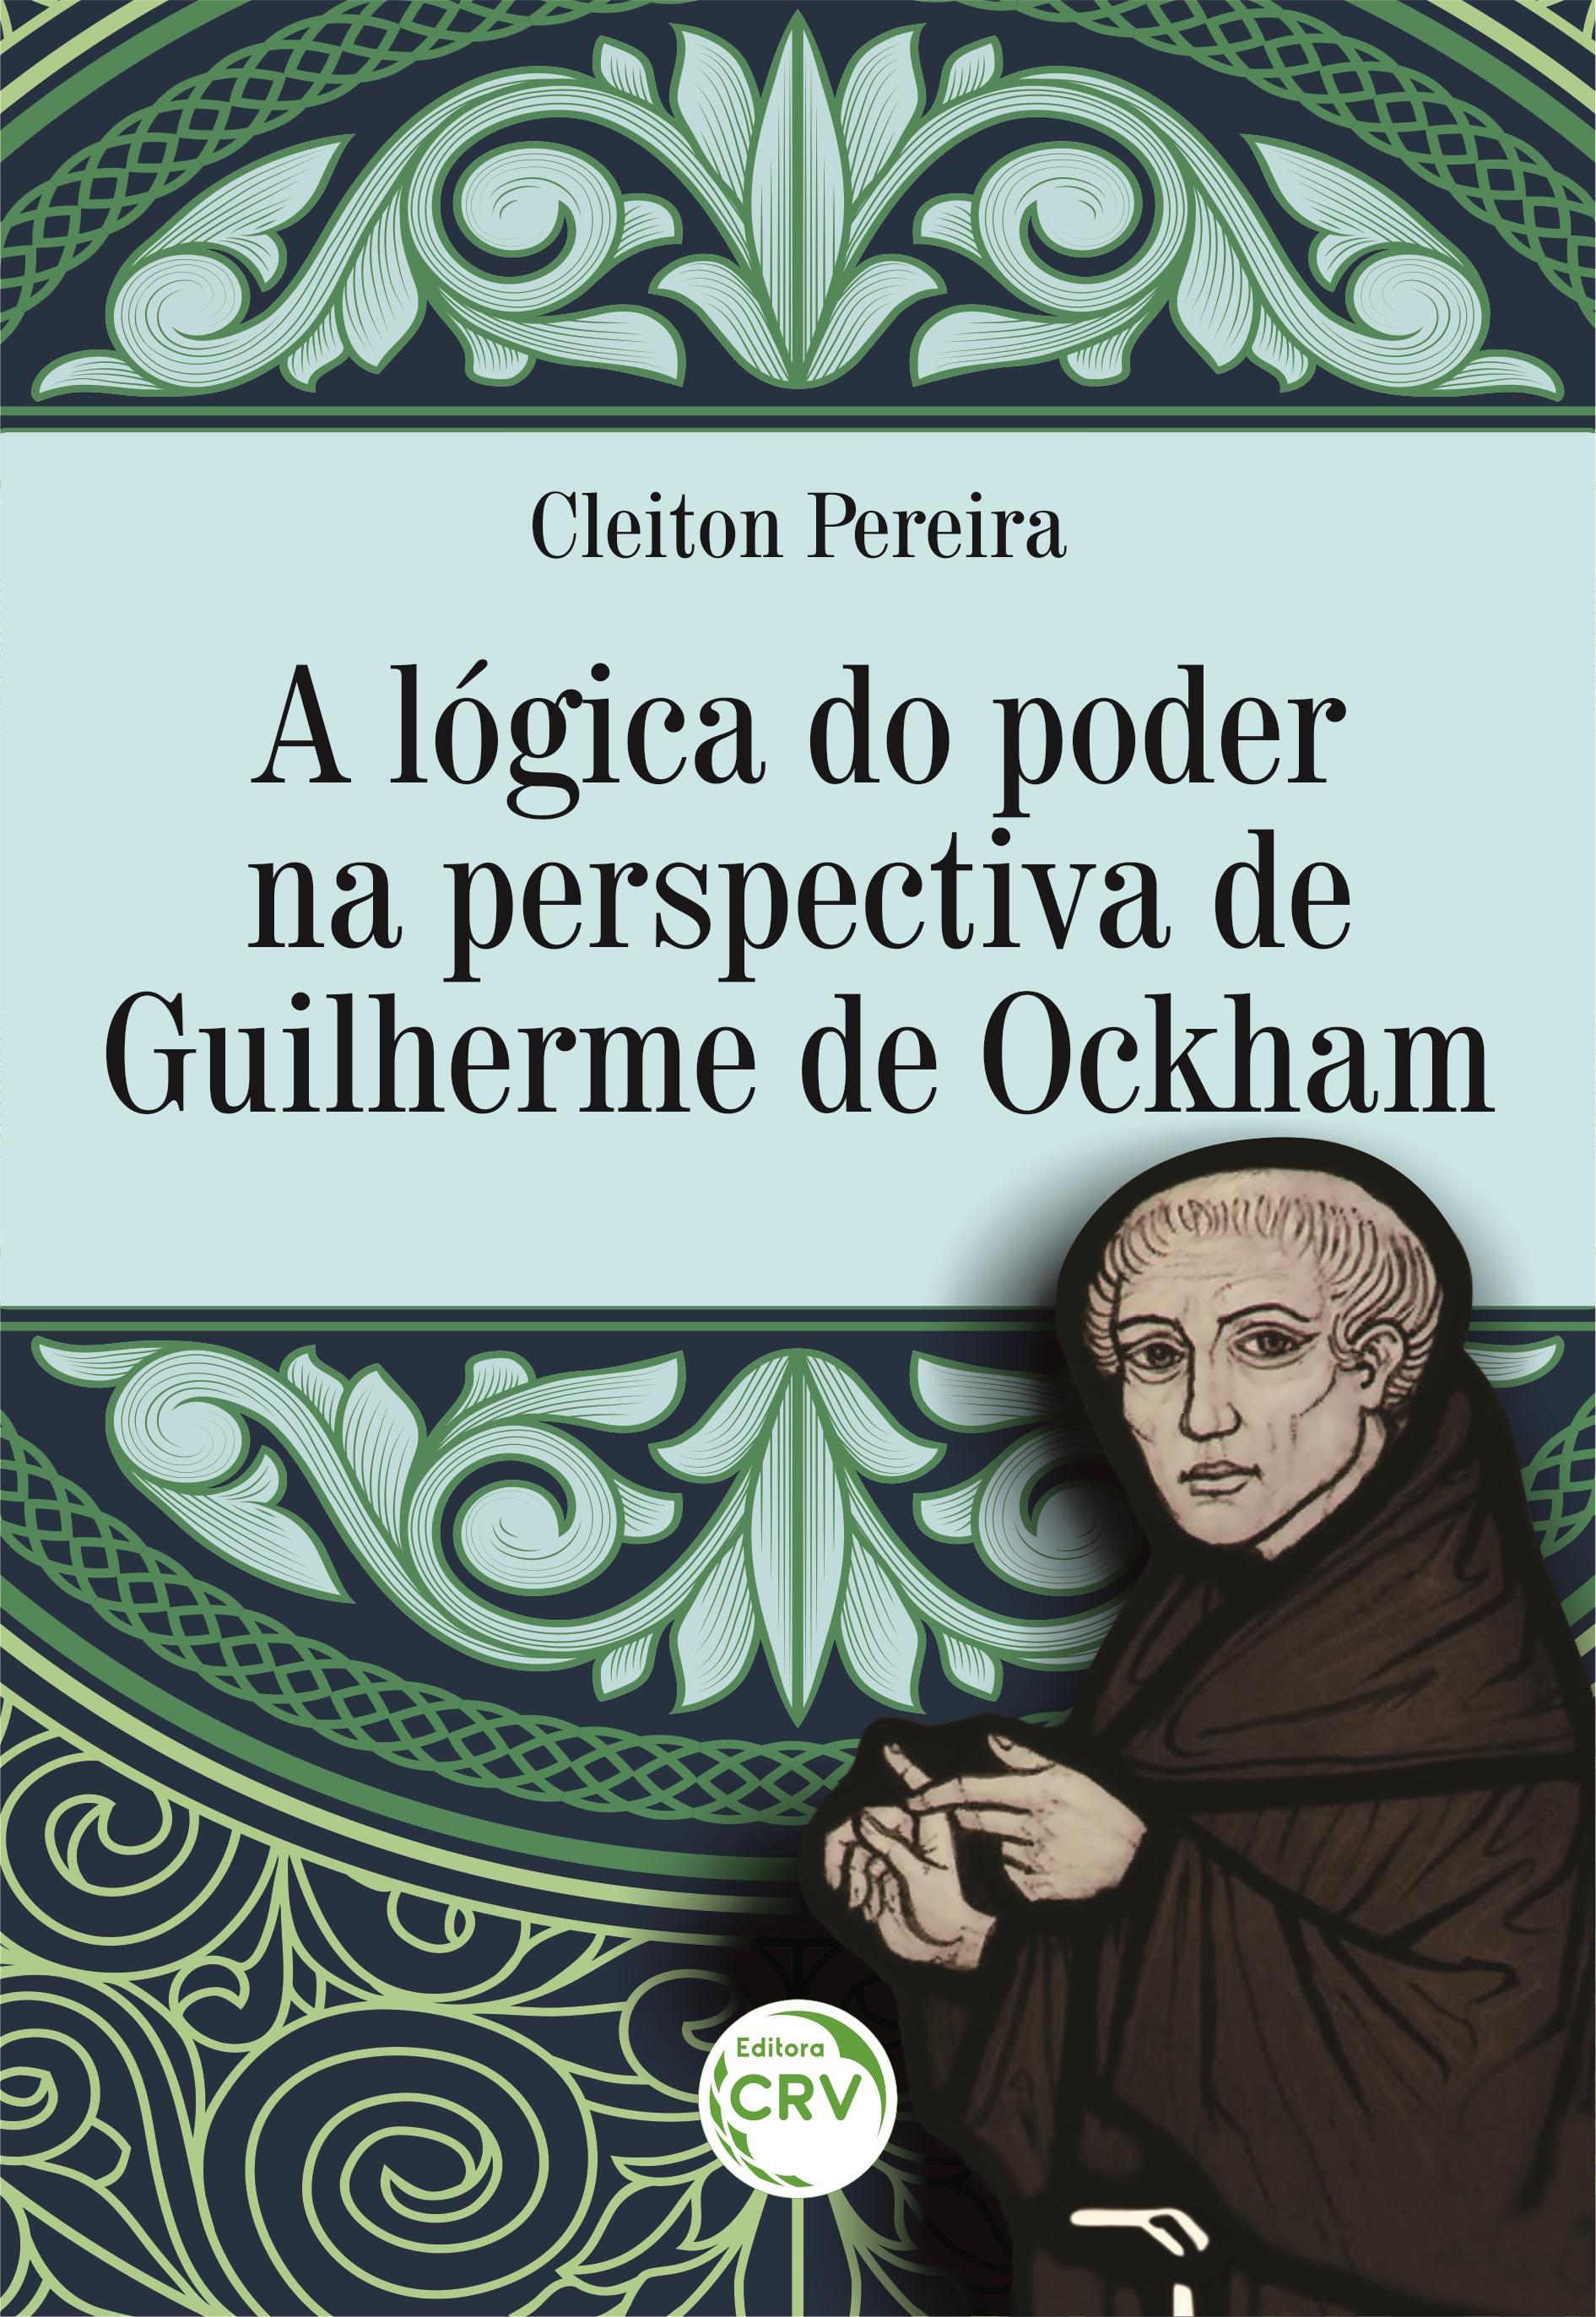 Capa do livro: A LÓGICA DO PODER NA PERSPECTIVA DE GUILHERME DE OCKHAM